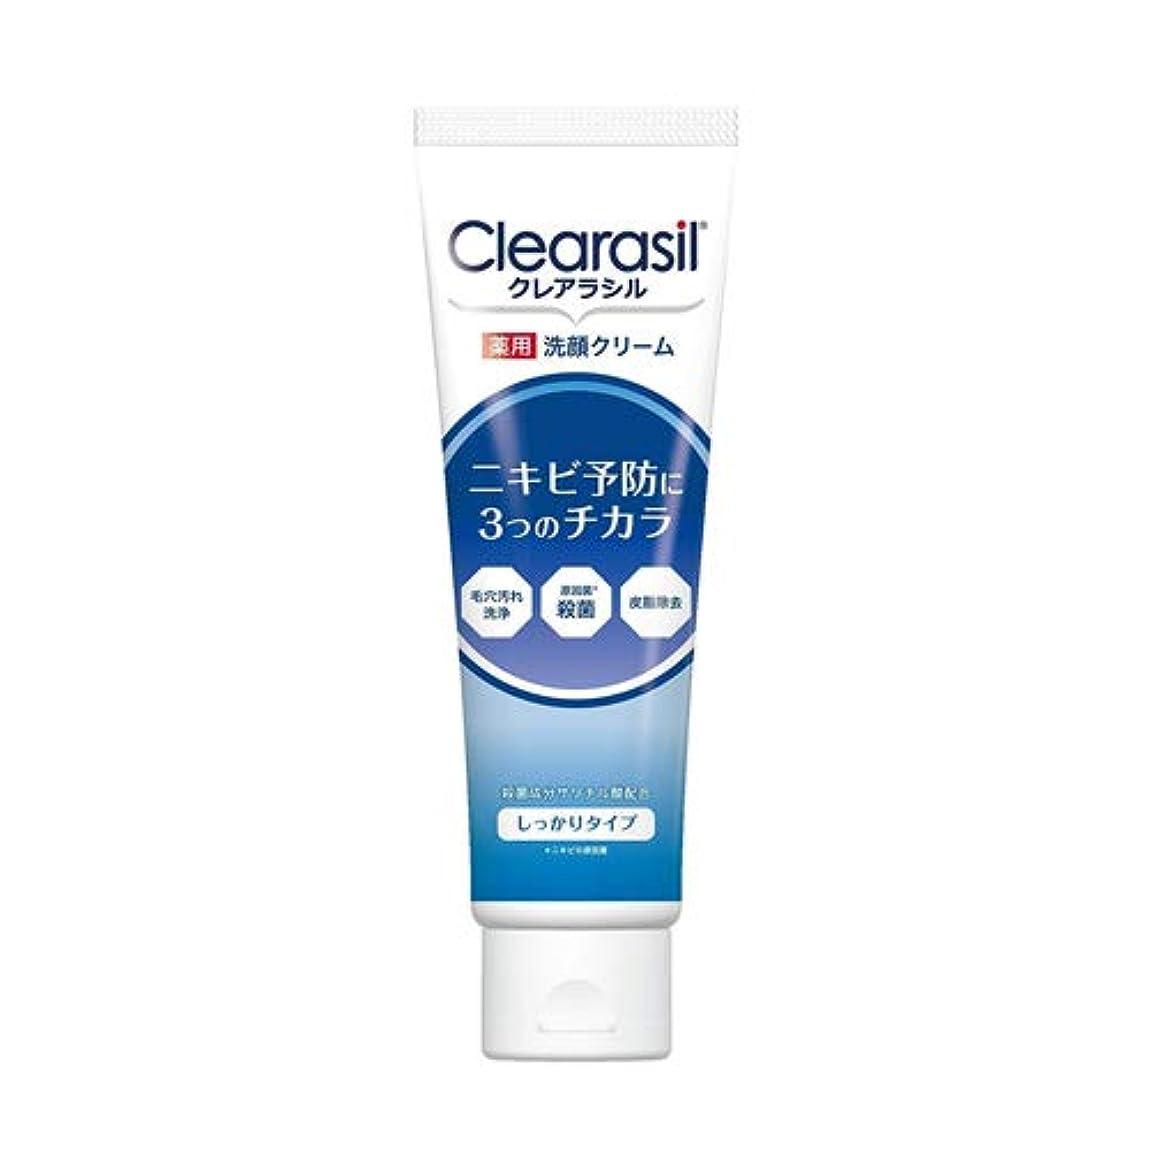 それぞれちょうつがいディーラークレアラシル 薬用 洗顔クリーム しっかりタイプ 120g 【医薬部外品】